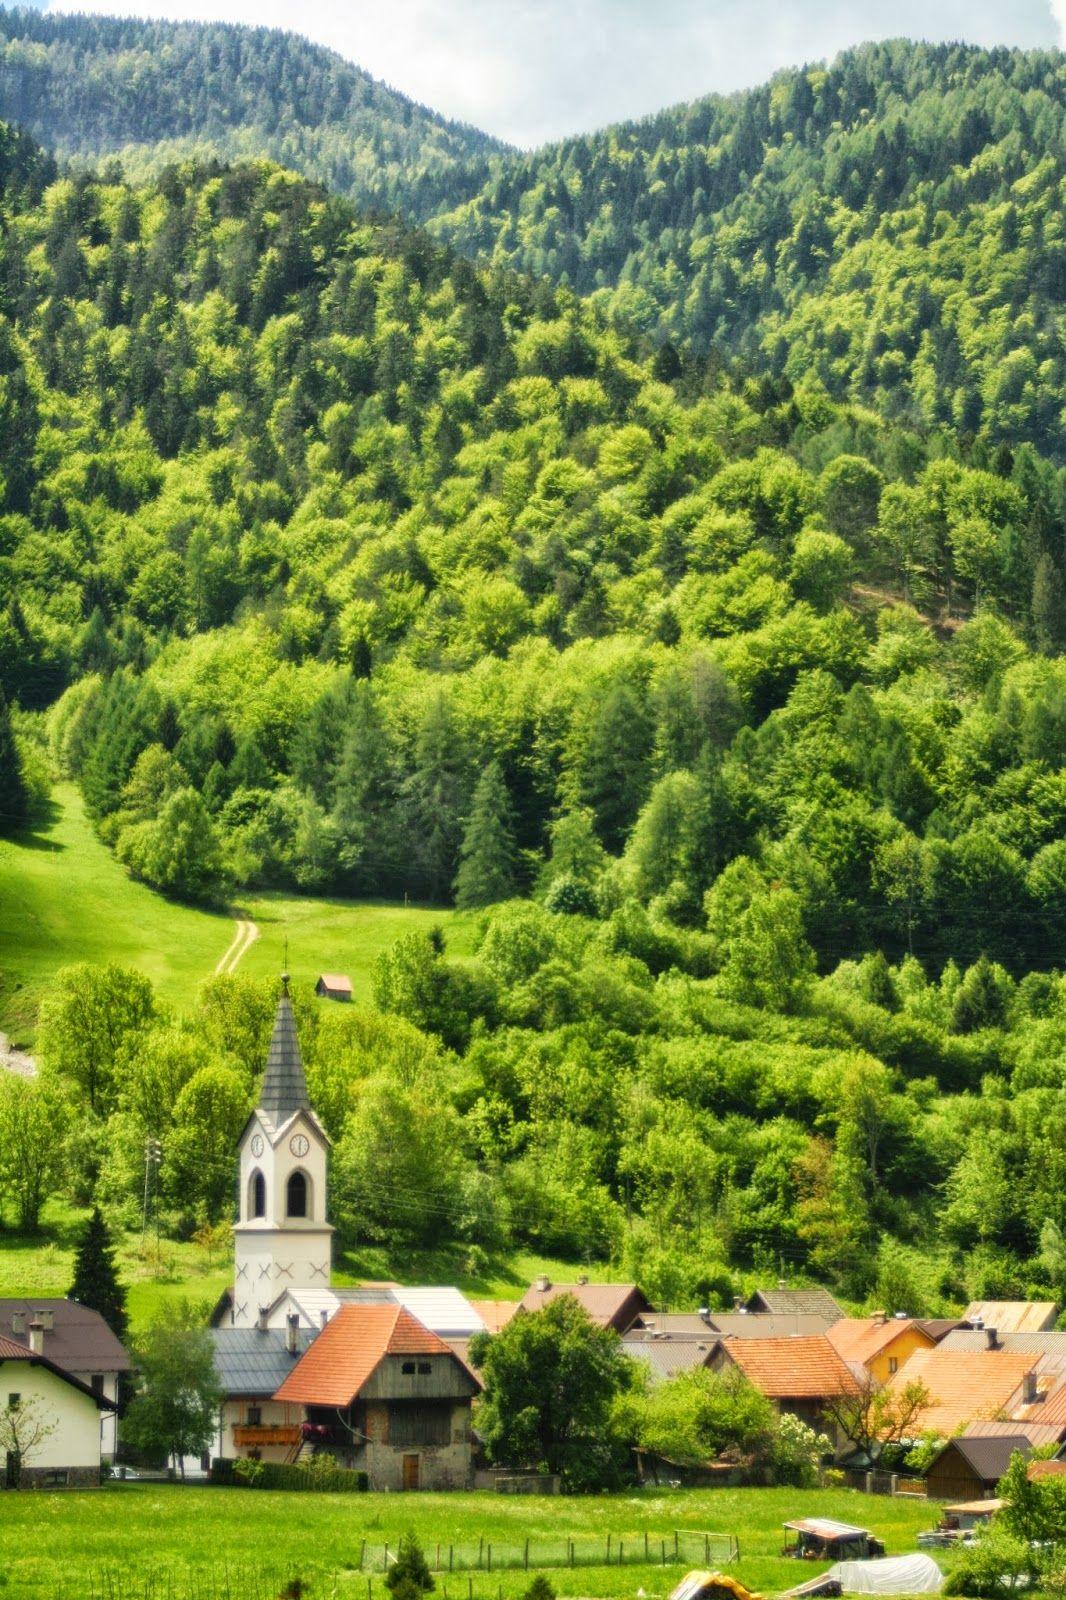 Austrian Alps - take me back!